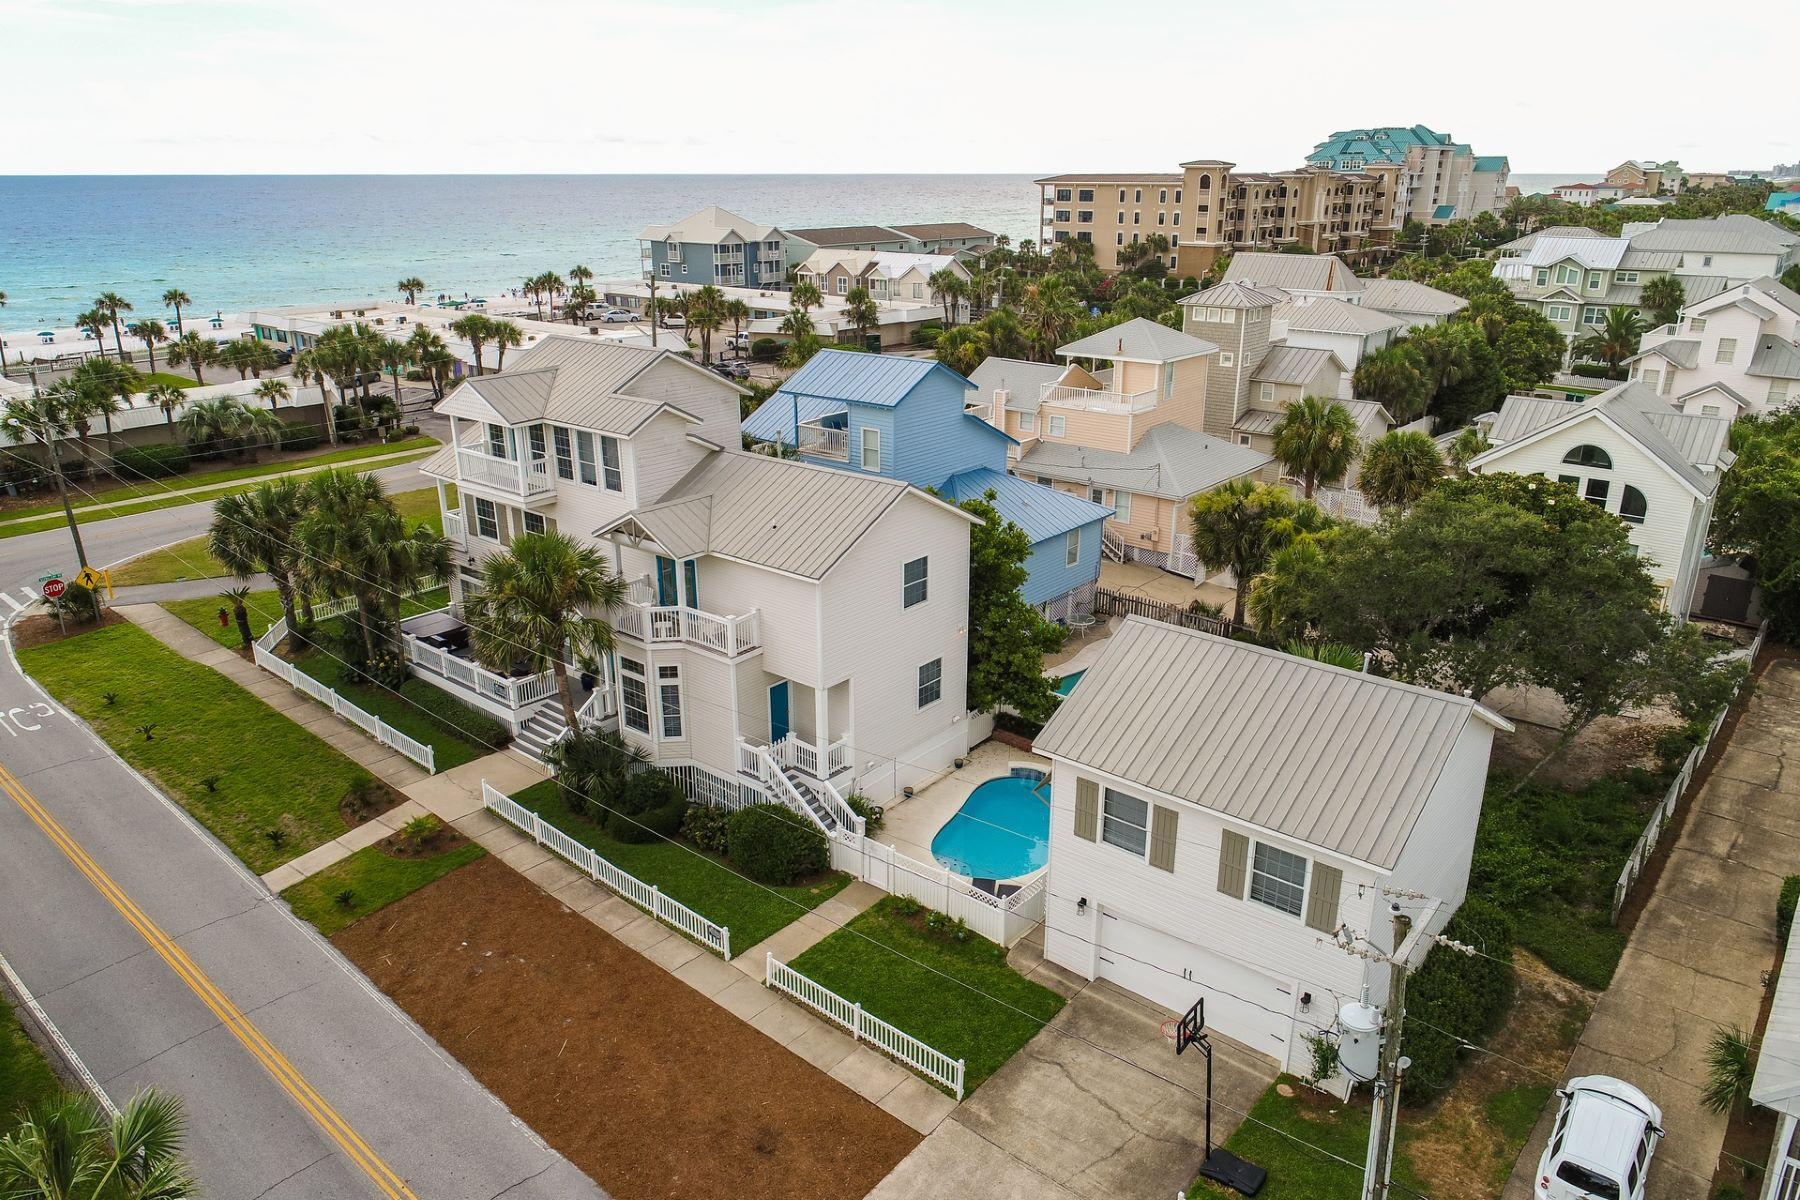 단독 가정 주택 용 매매 에 DESTIN FLORIDA GULF VIEW VACATION RENTAL ONE LOT OFF BEACH 64 Cobia Street Destin, 플로리다, 32541 미국